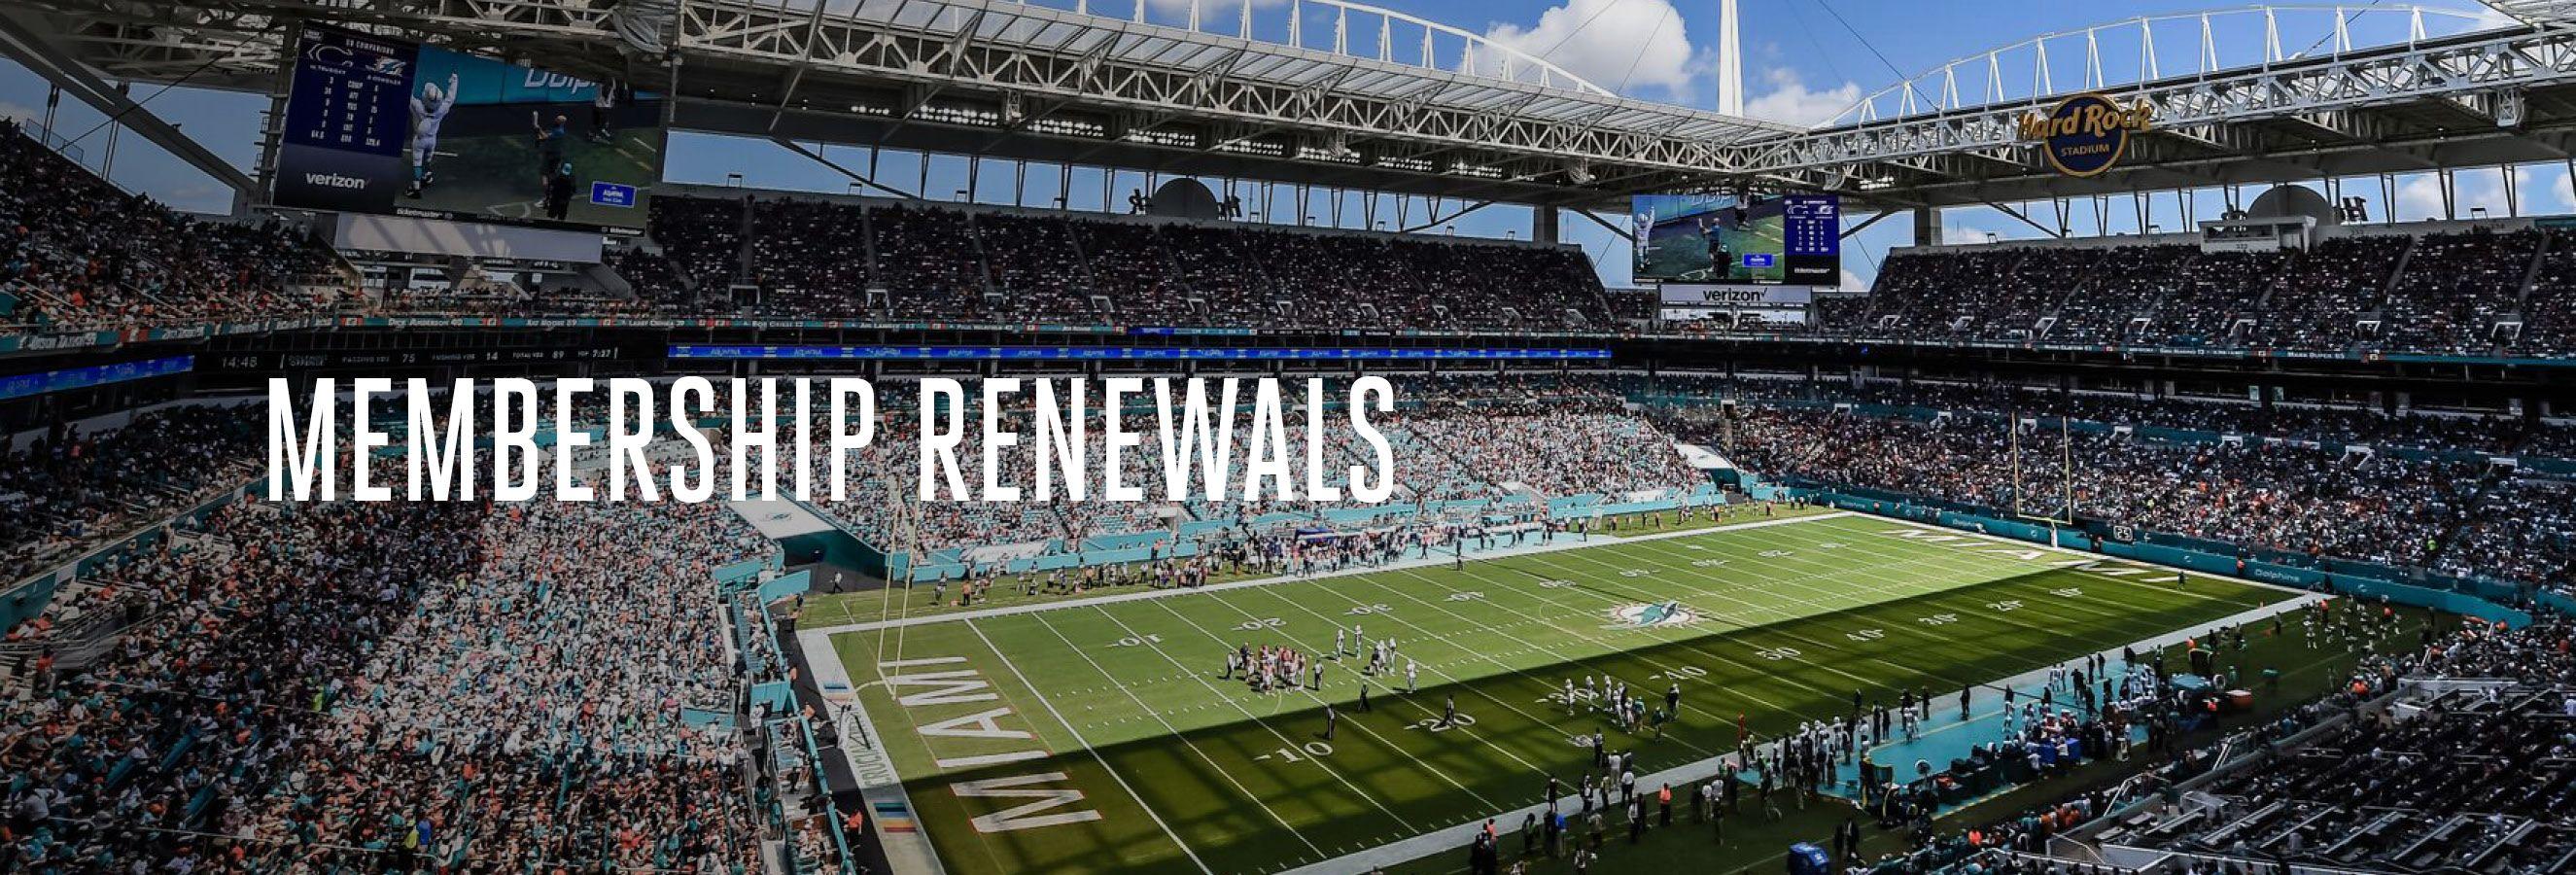 MembershipRenewals_Header